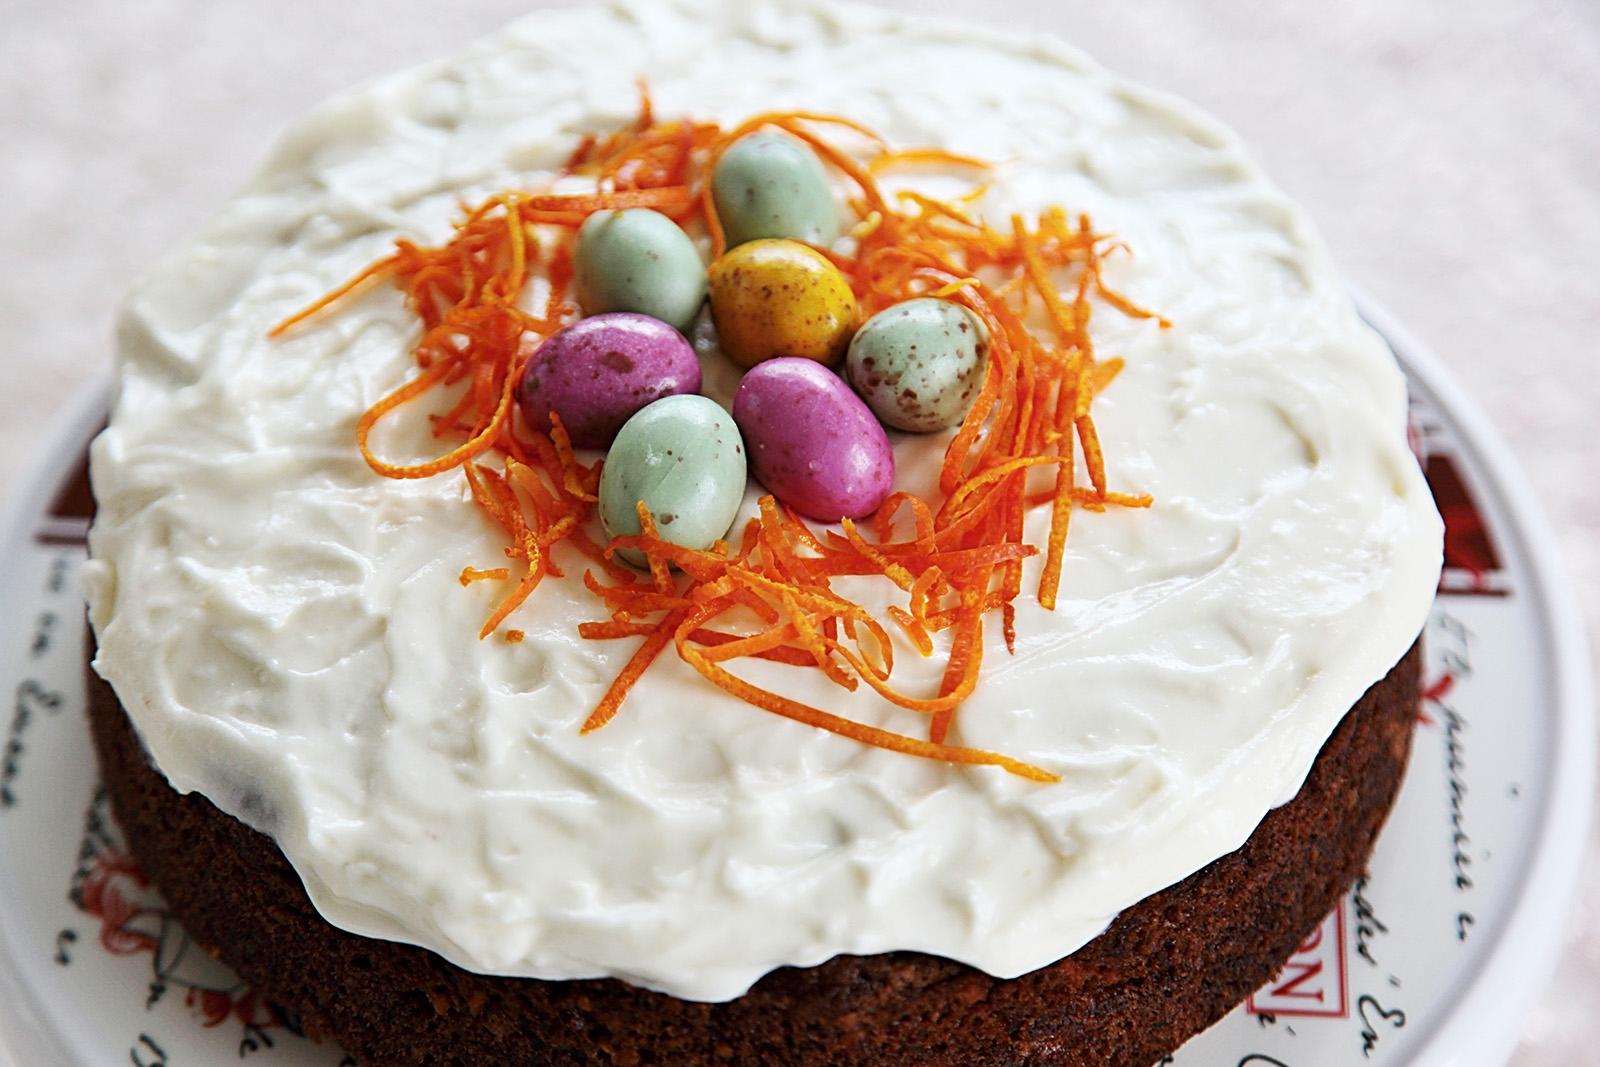 Mrkvový dort se hodí i jako svátečně velikonoční